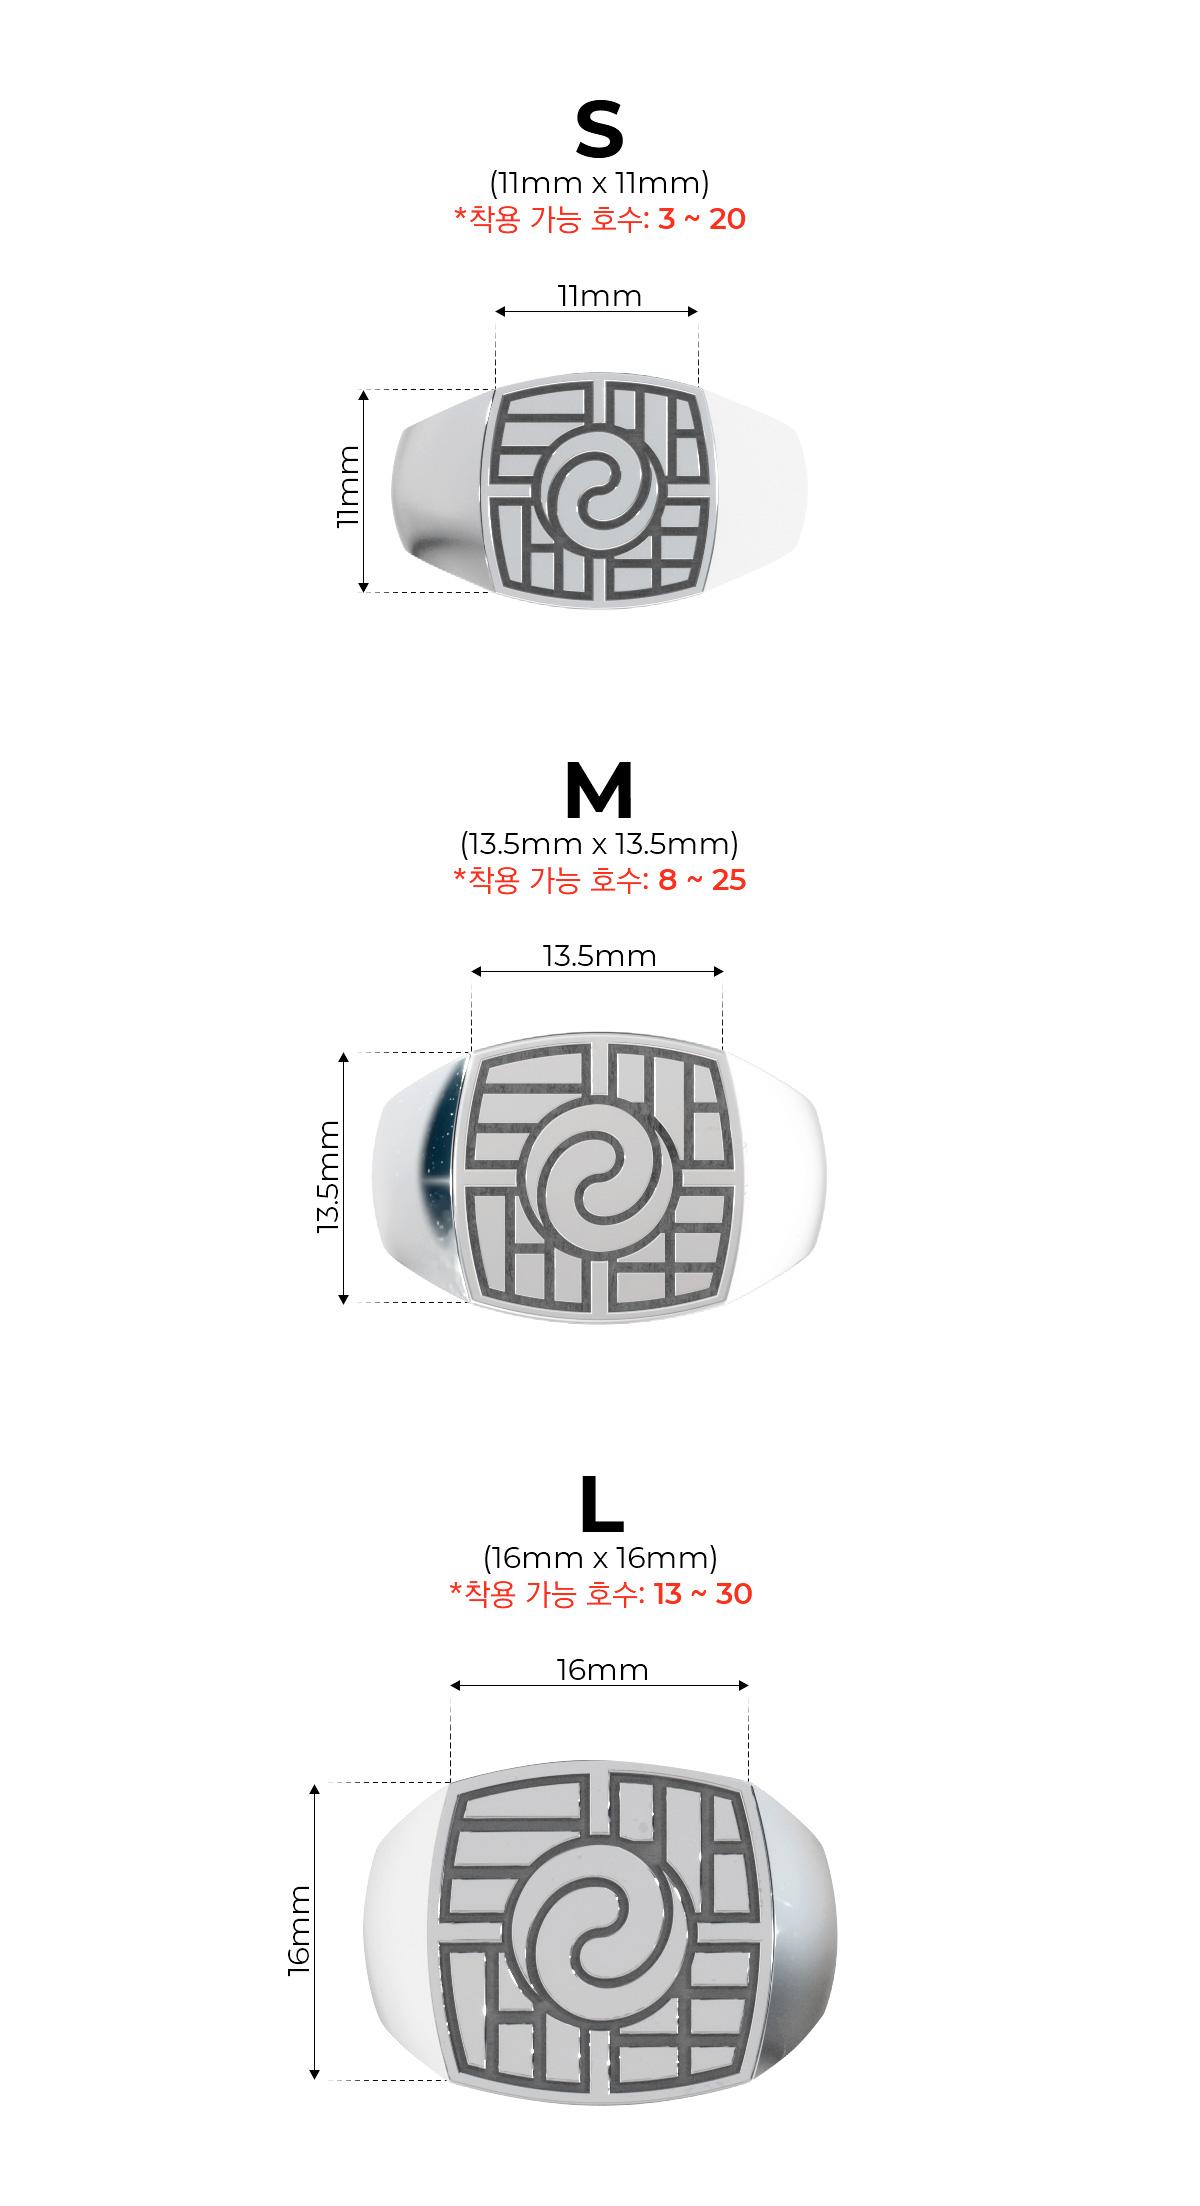 원링 815 에디션 페이스 사이즈(S, M, L) 비교